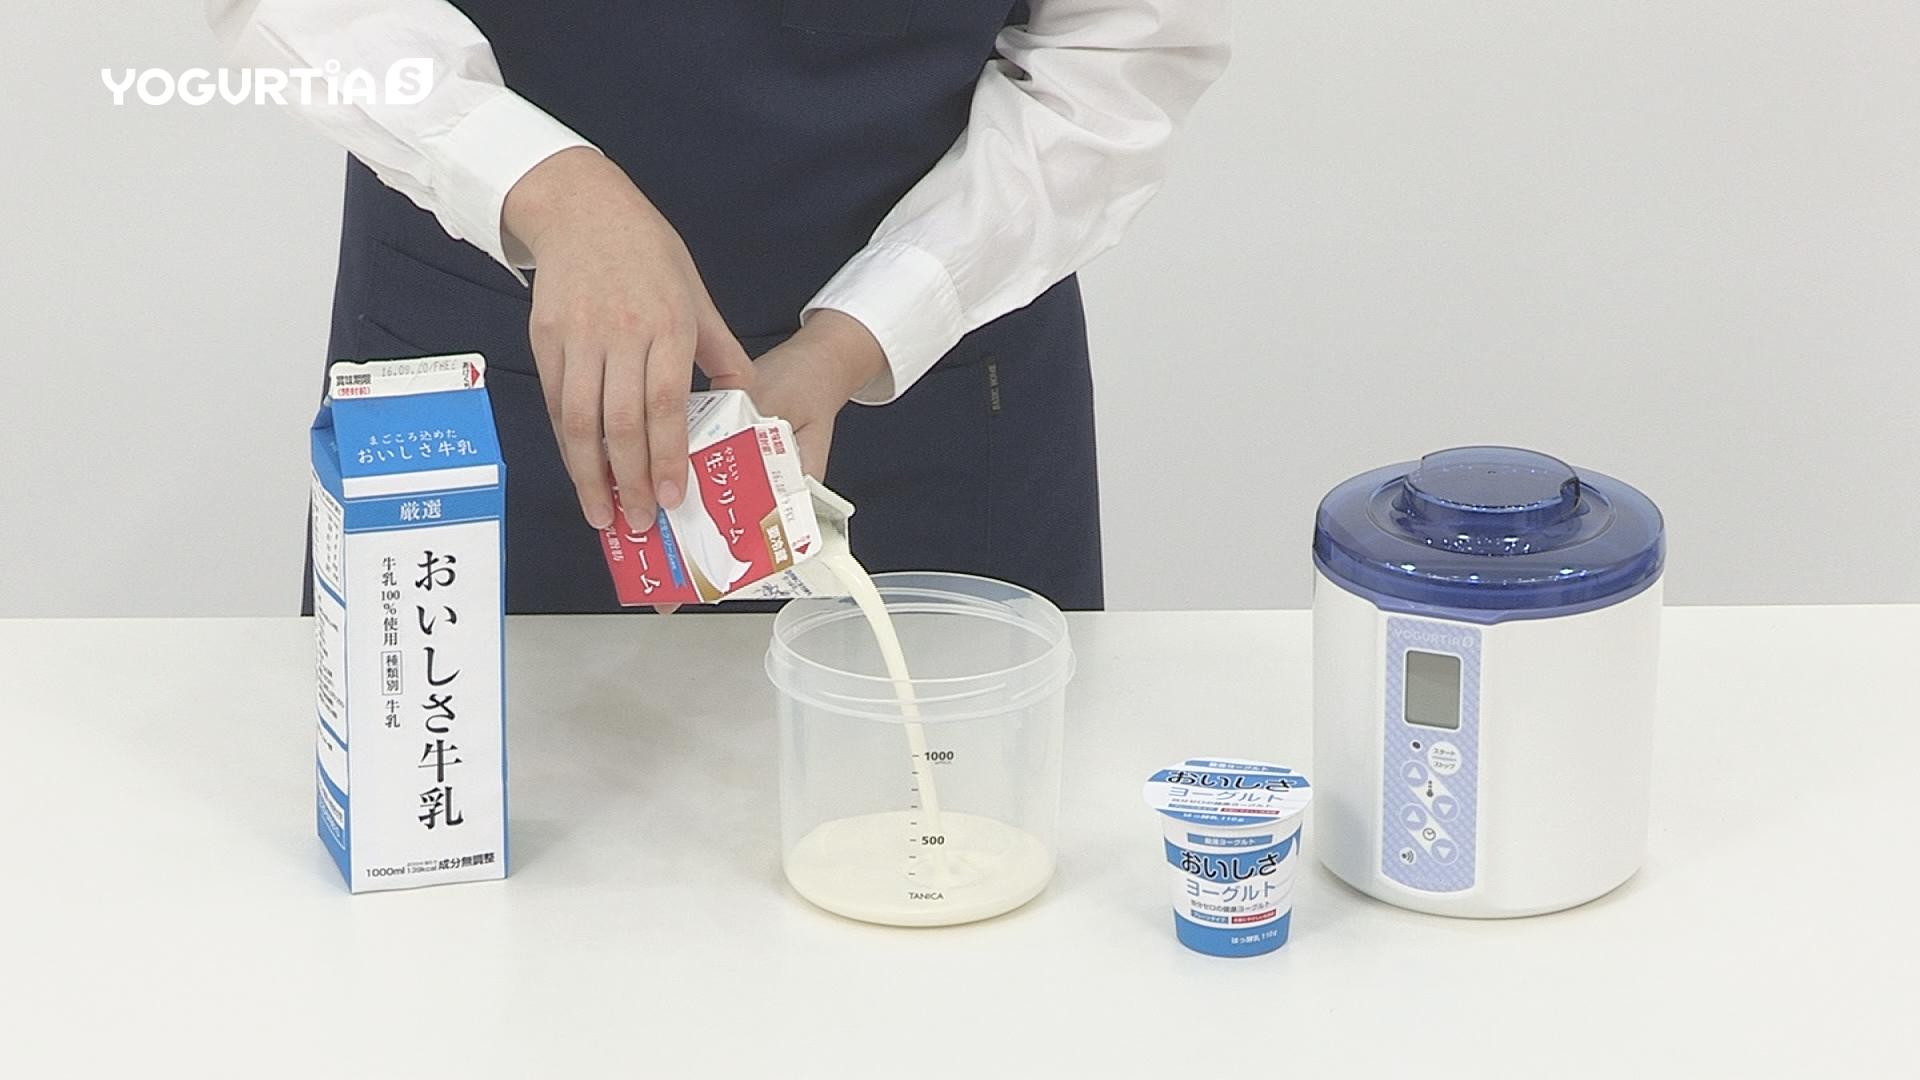 消毒した内容器に牛乳と生クリームとヨーグルトを入れます。